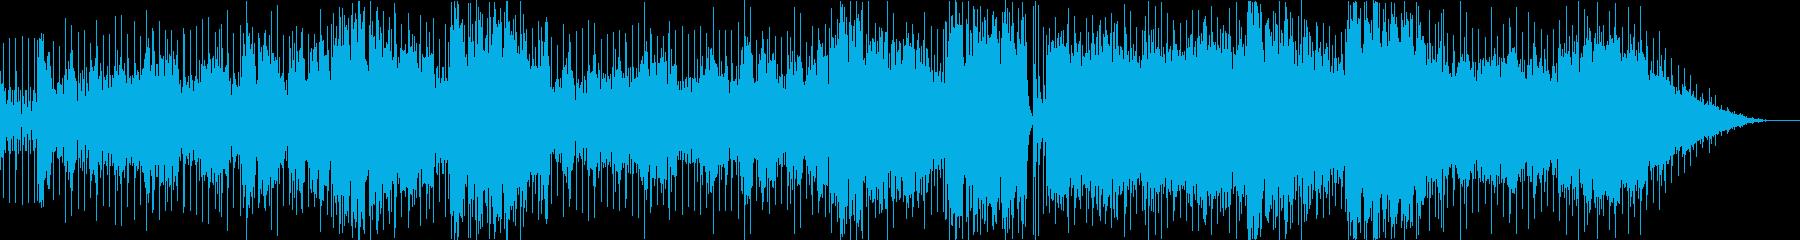 ドリアンコードを使ったエモーショナルな曲の再生済みの波形